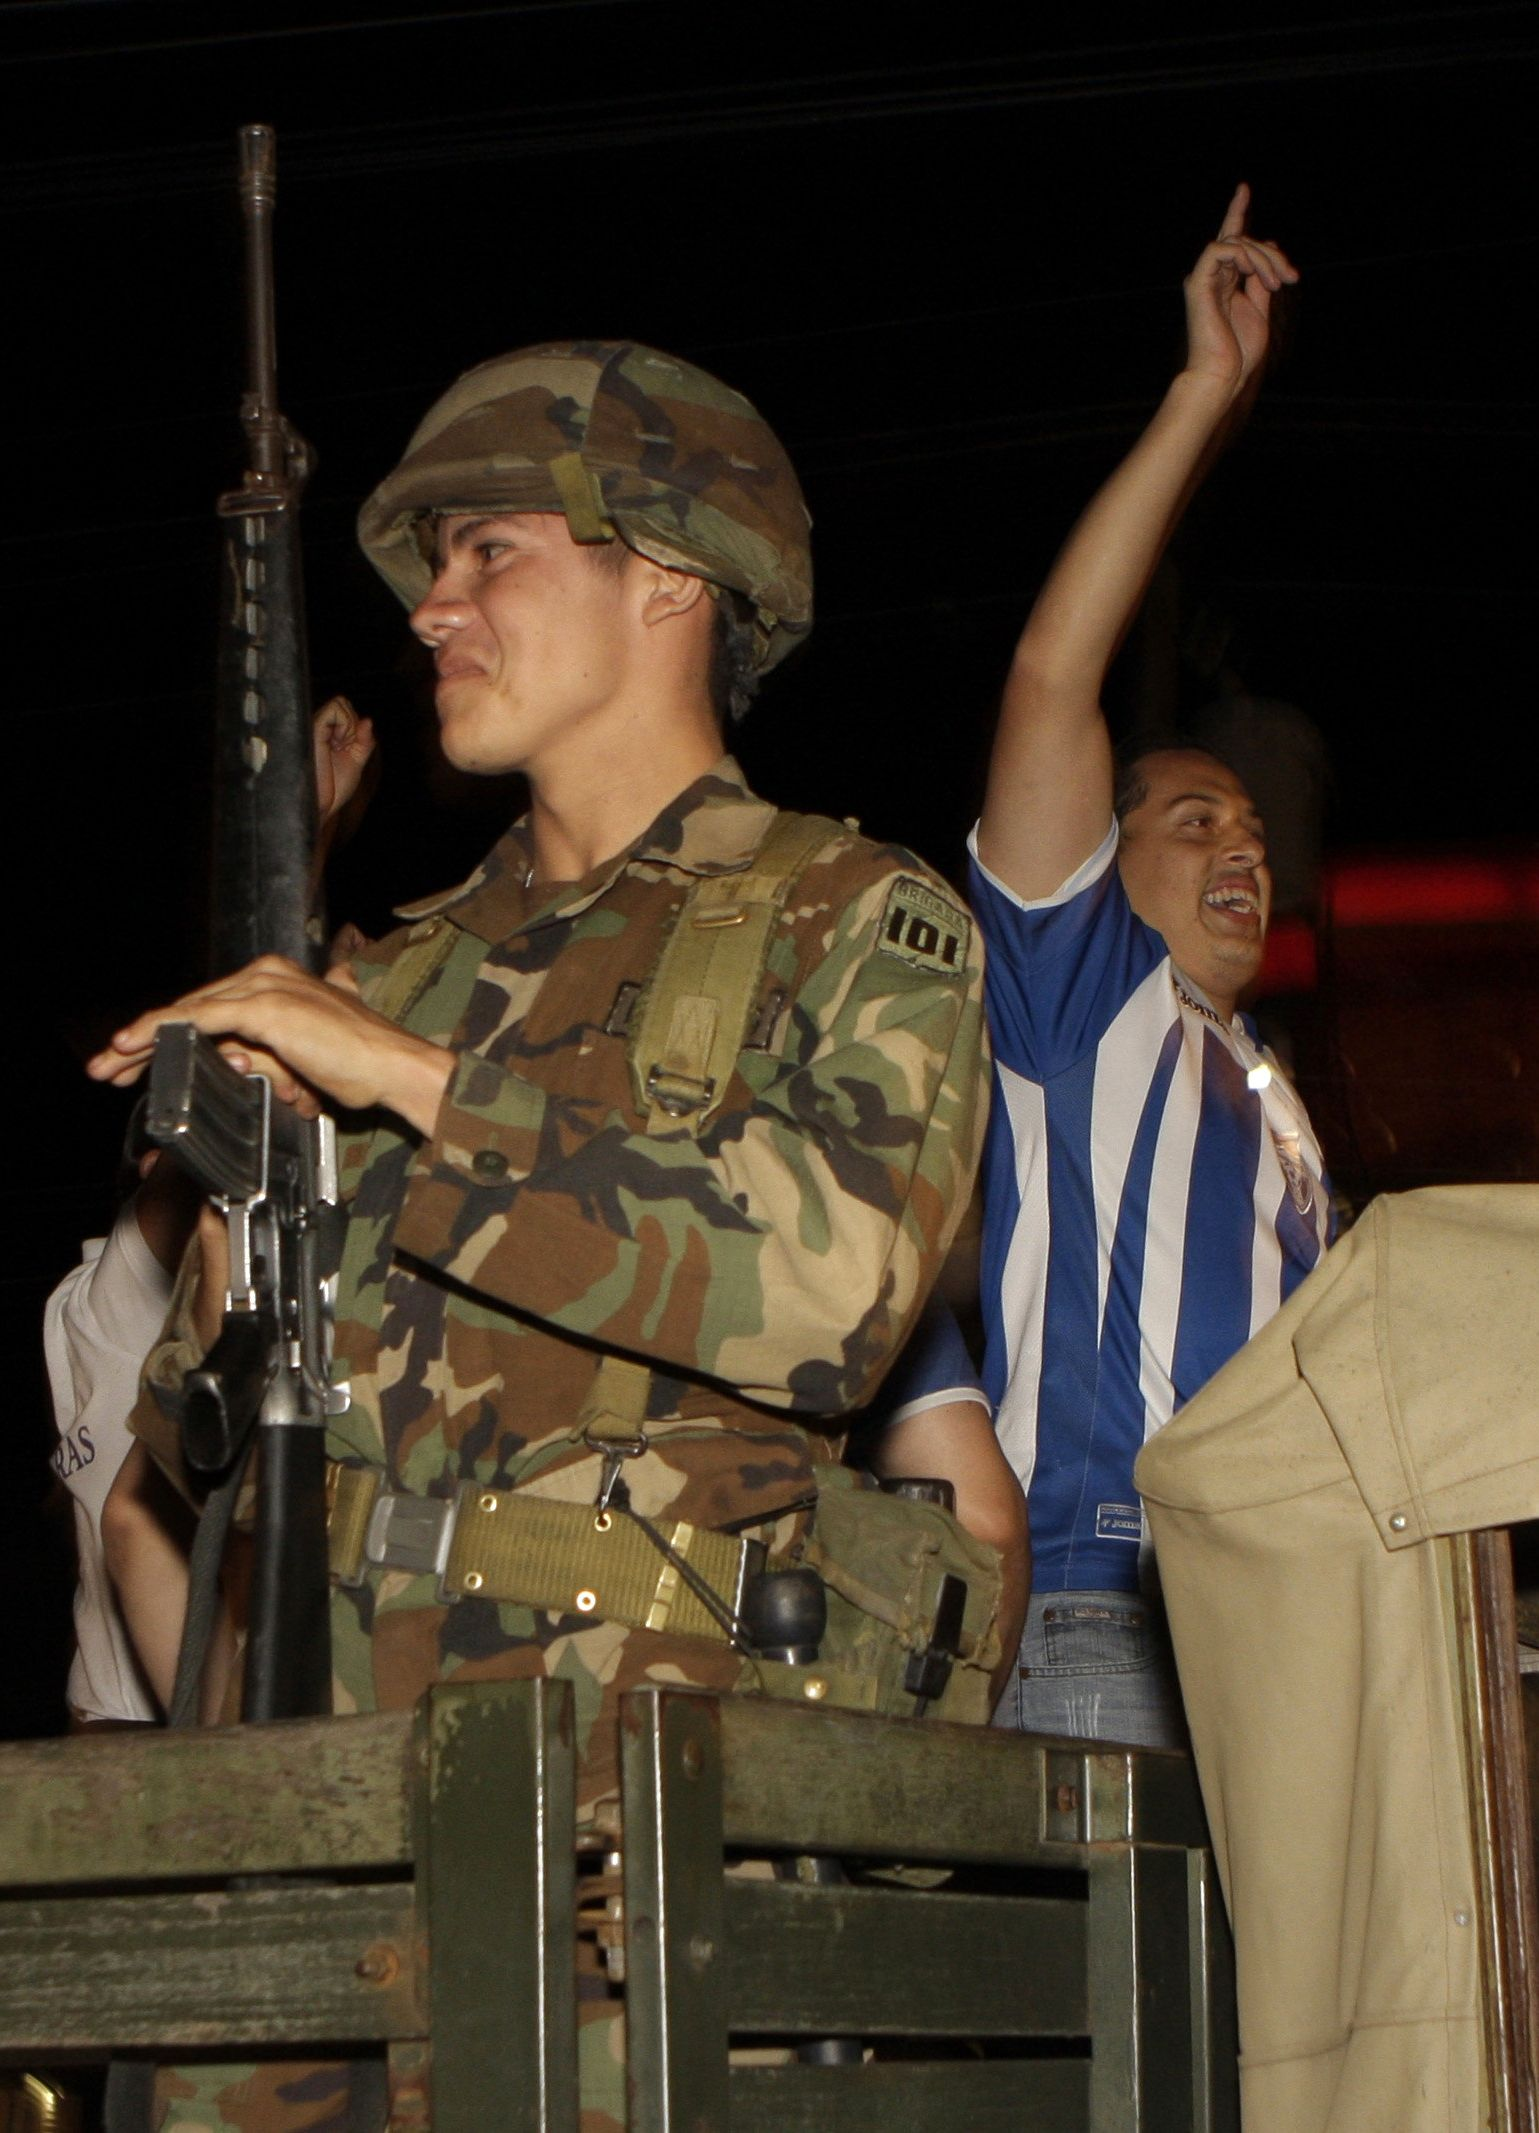 Honduras-fan feiert, Militär davor